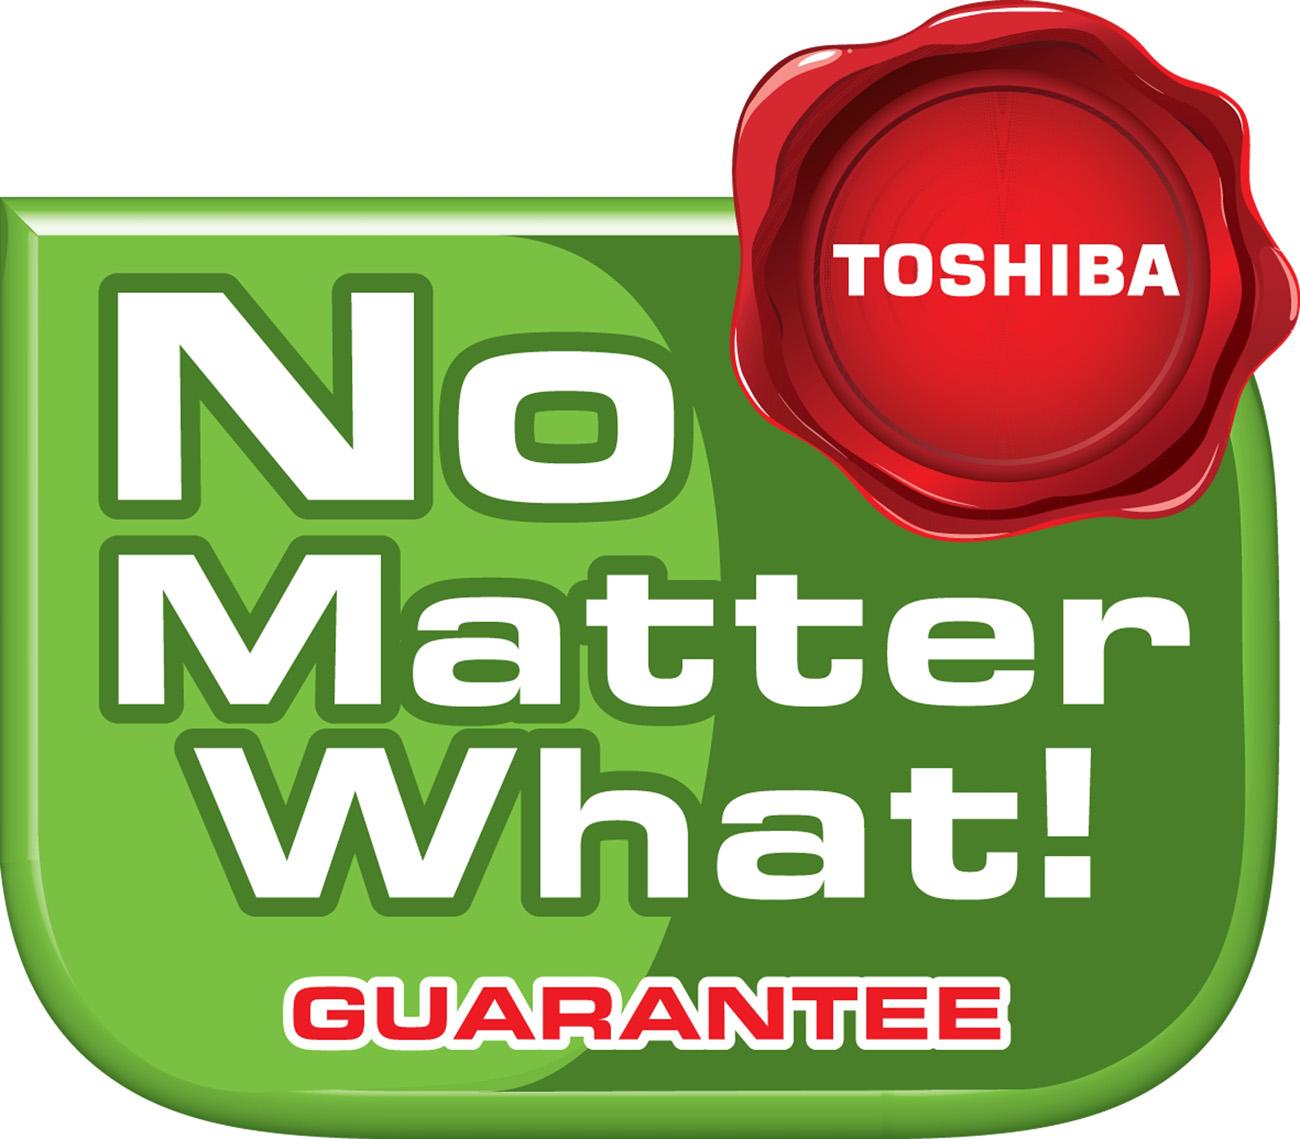 63323-Toshiba_NMWG_logo